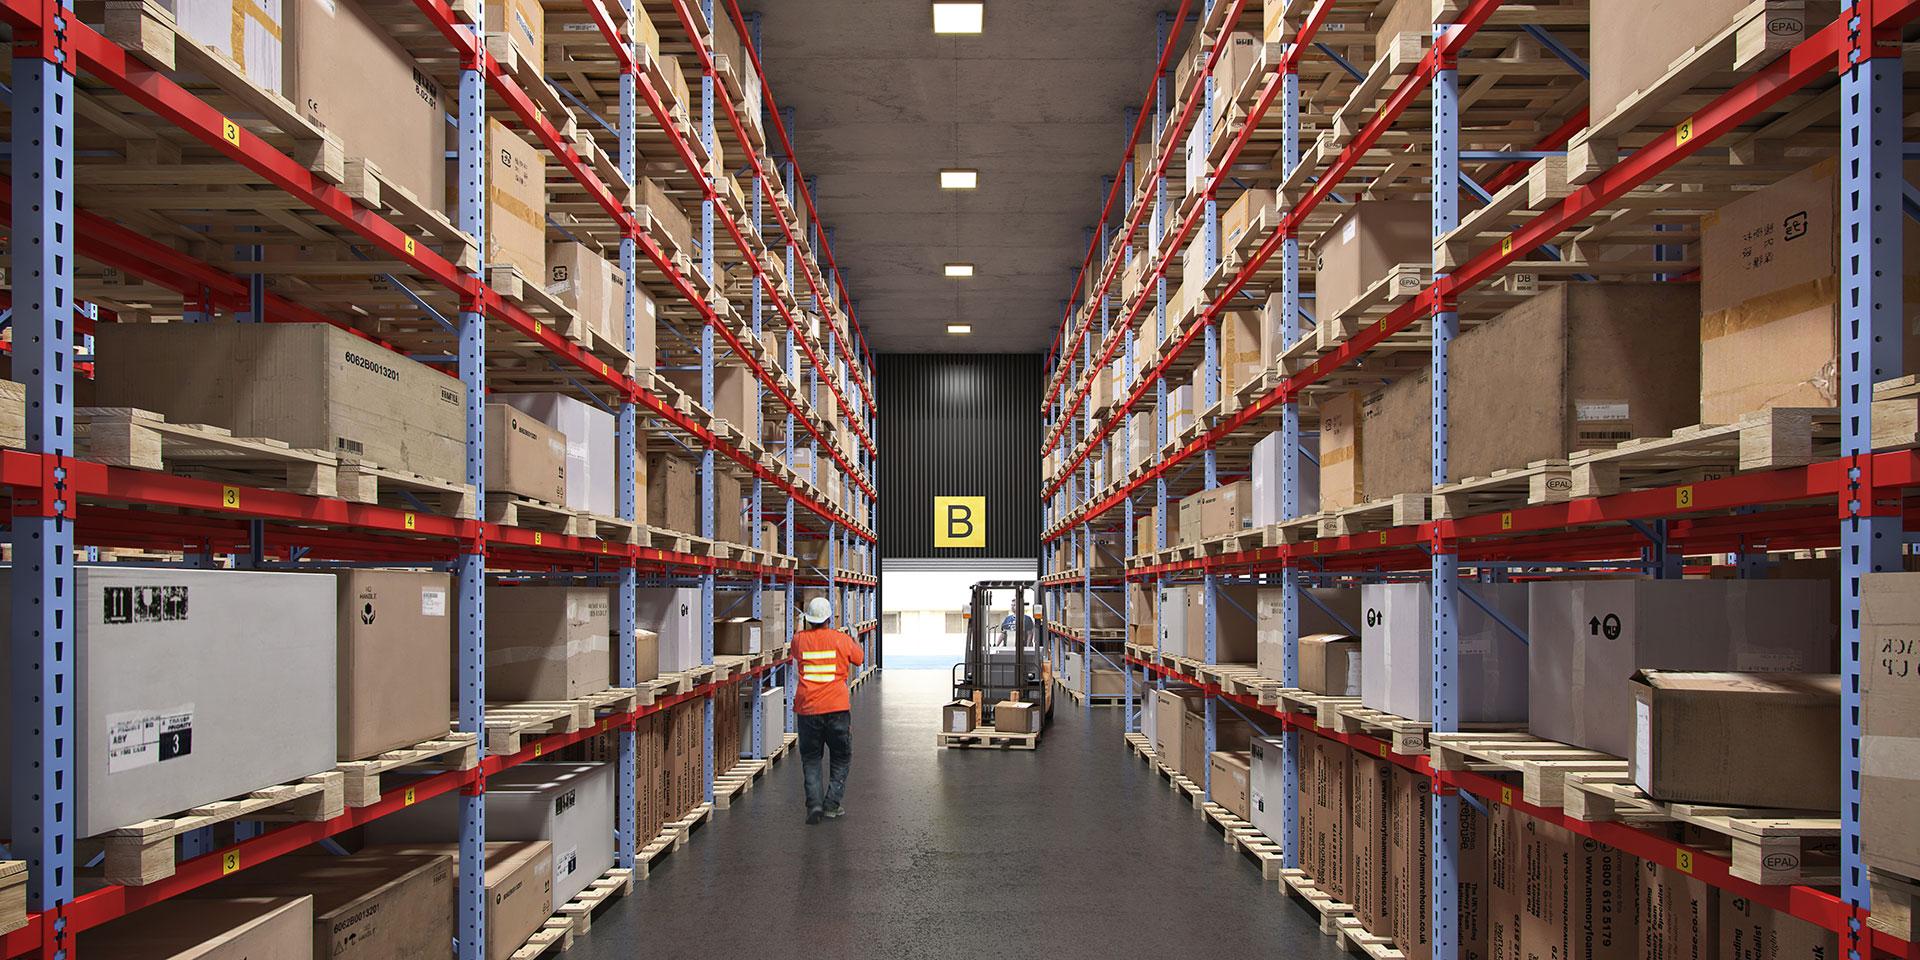 Yared Warehouse / Lebanon / A130